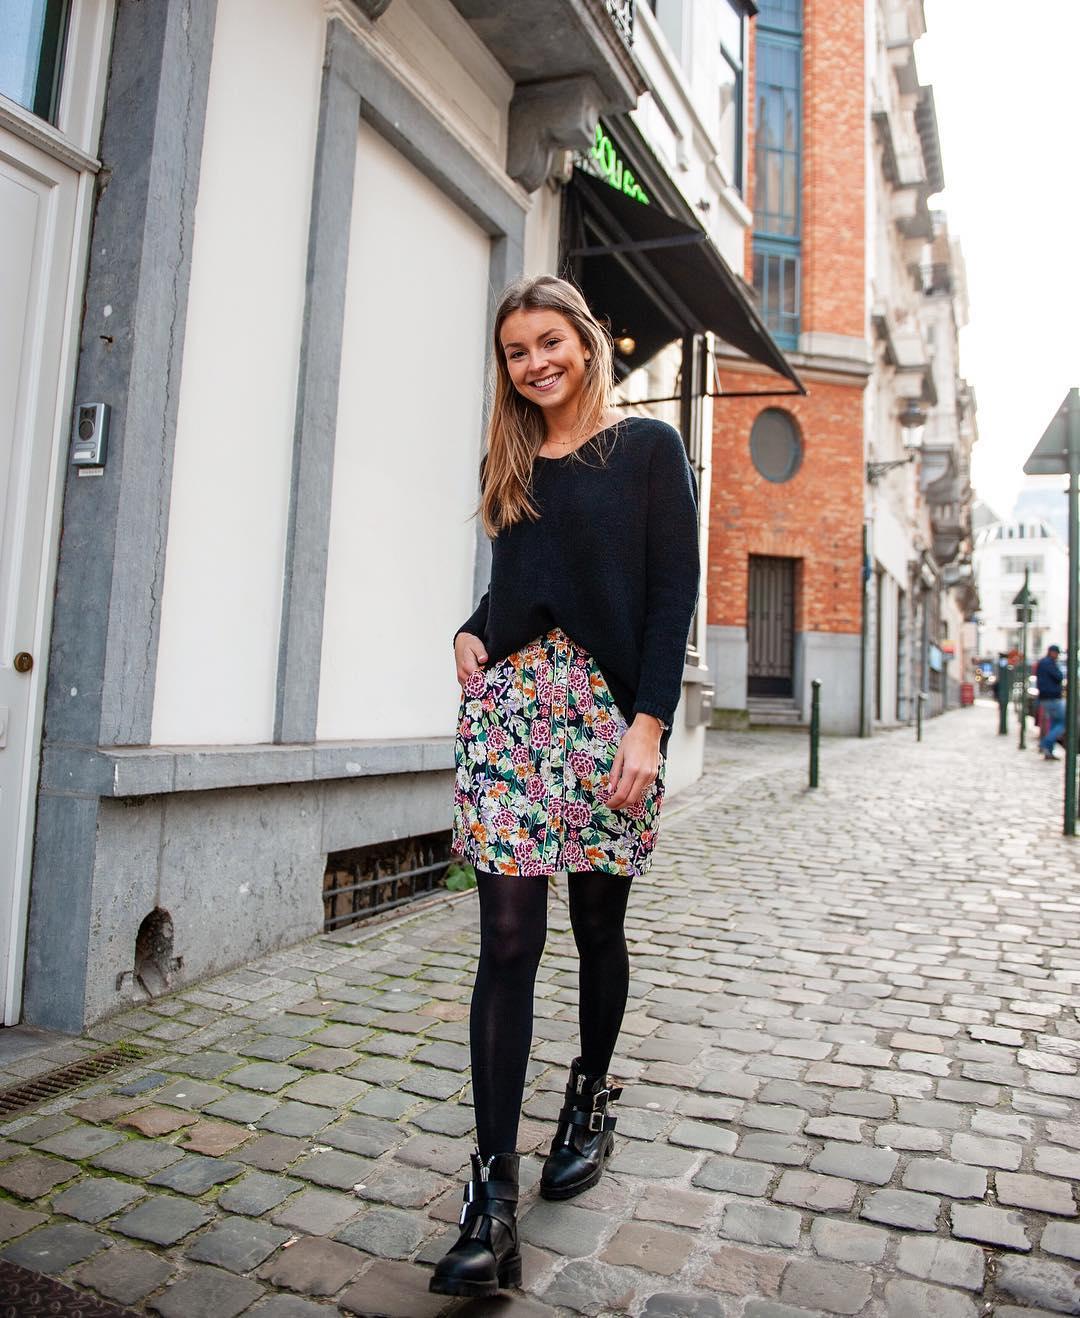 jupe multi impression florale de Les Bourgeoises sur lesbourgeoisesofficiel